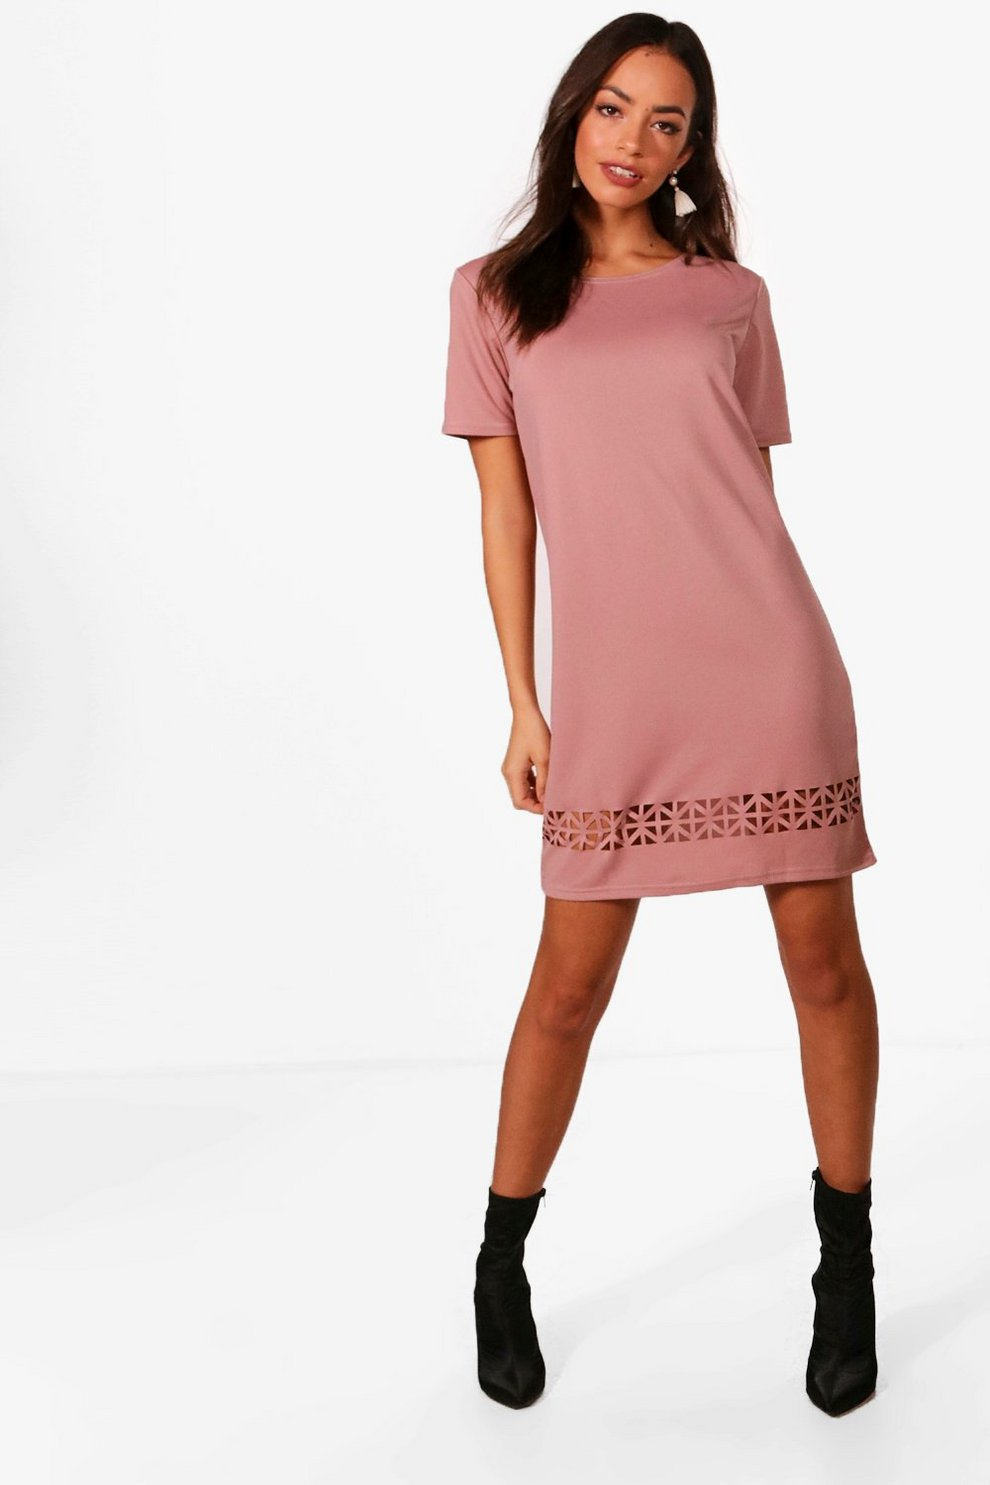 bfd01b06cf12 Womens Mauve Laser Cut Shift Dress